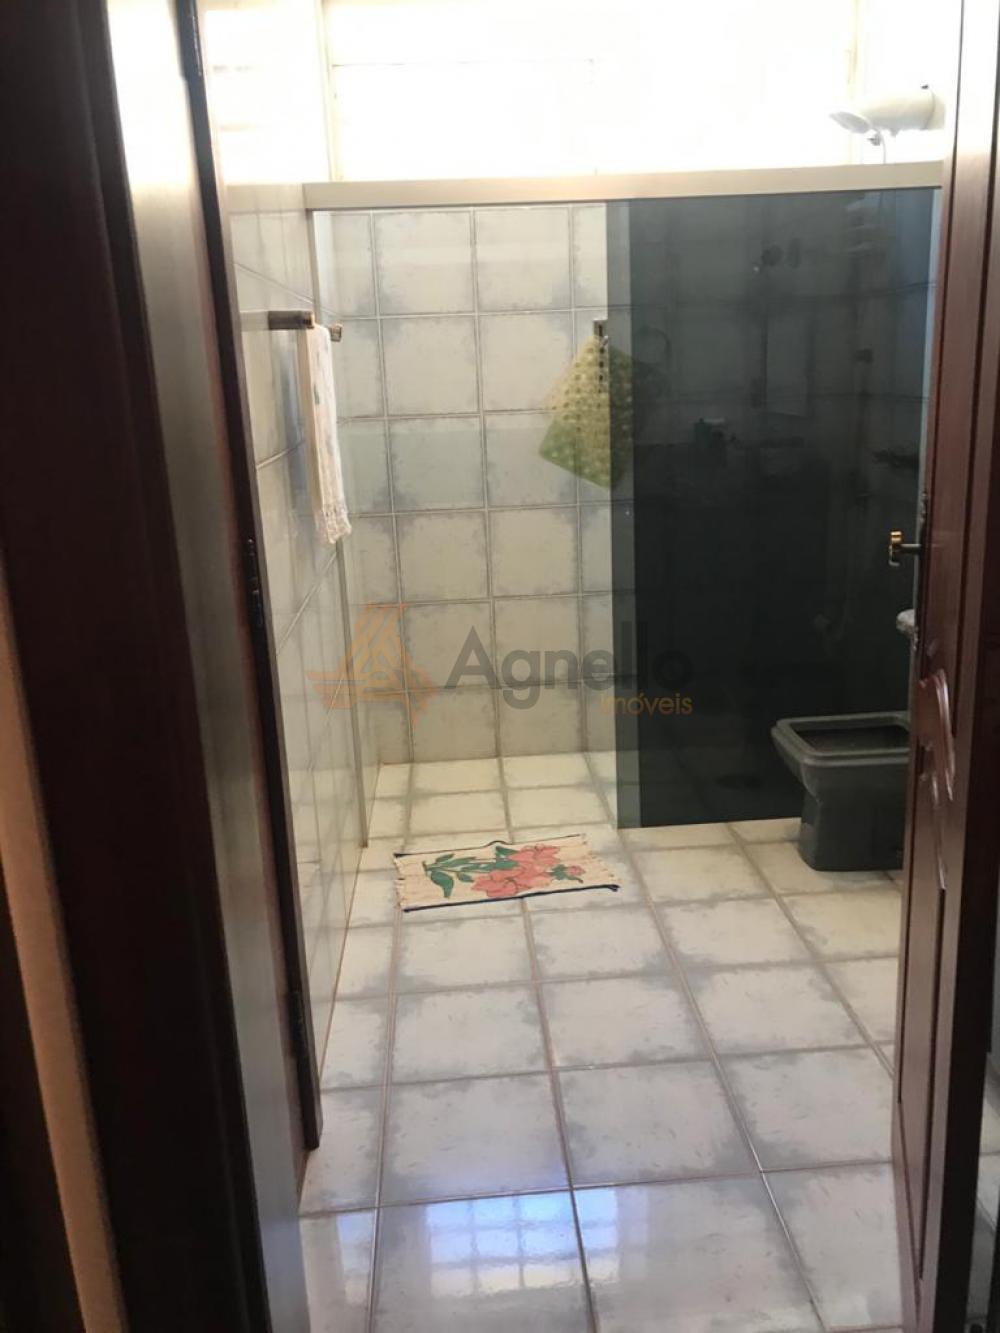 Comprar Casa / Padrão em Franca apenas R$ 1.400.000,00 - Foto 14